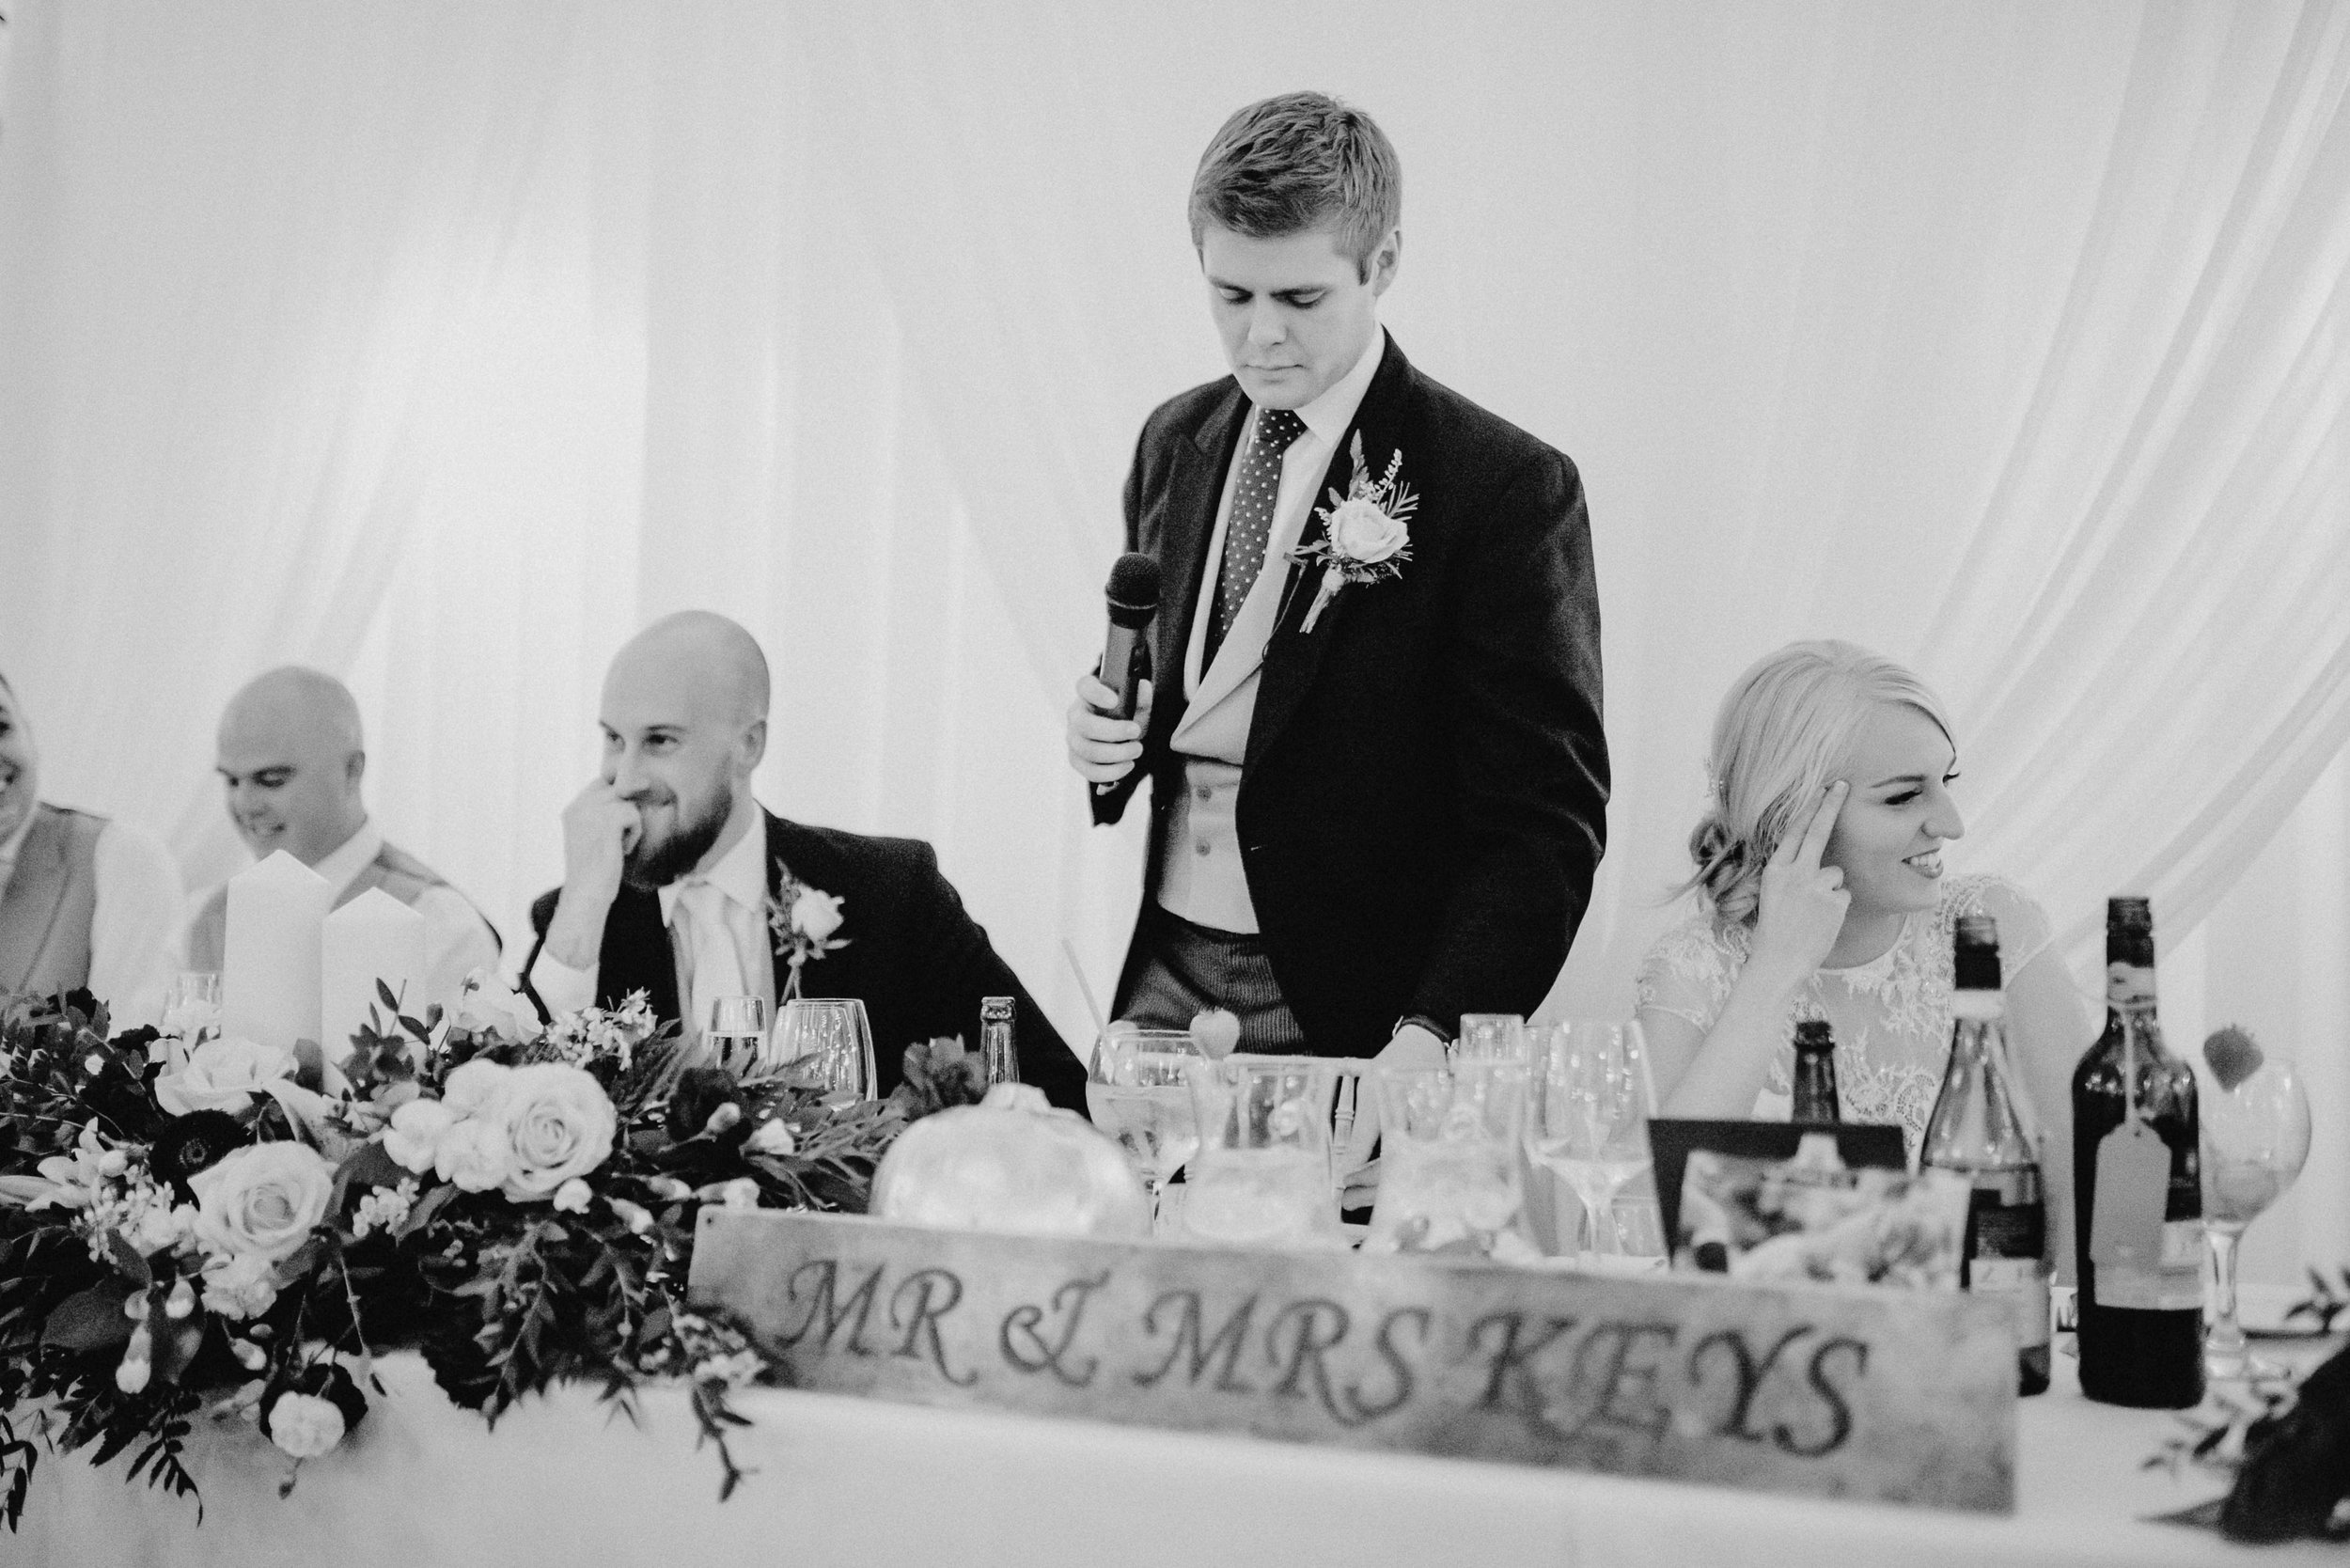 larchfield estate wedding photos-141.jpg